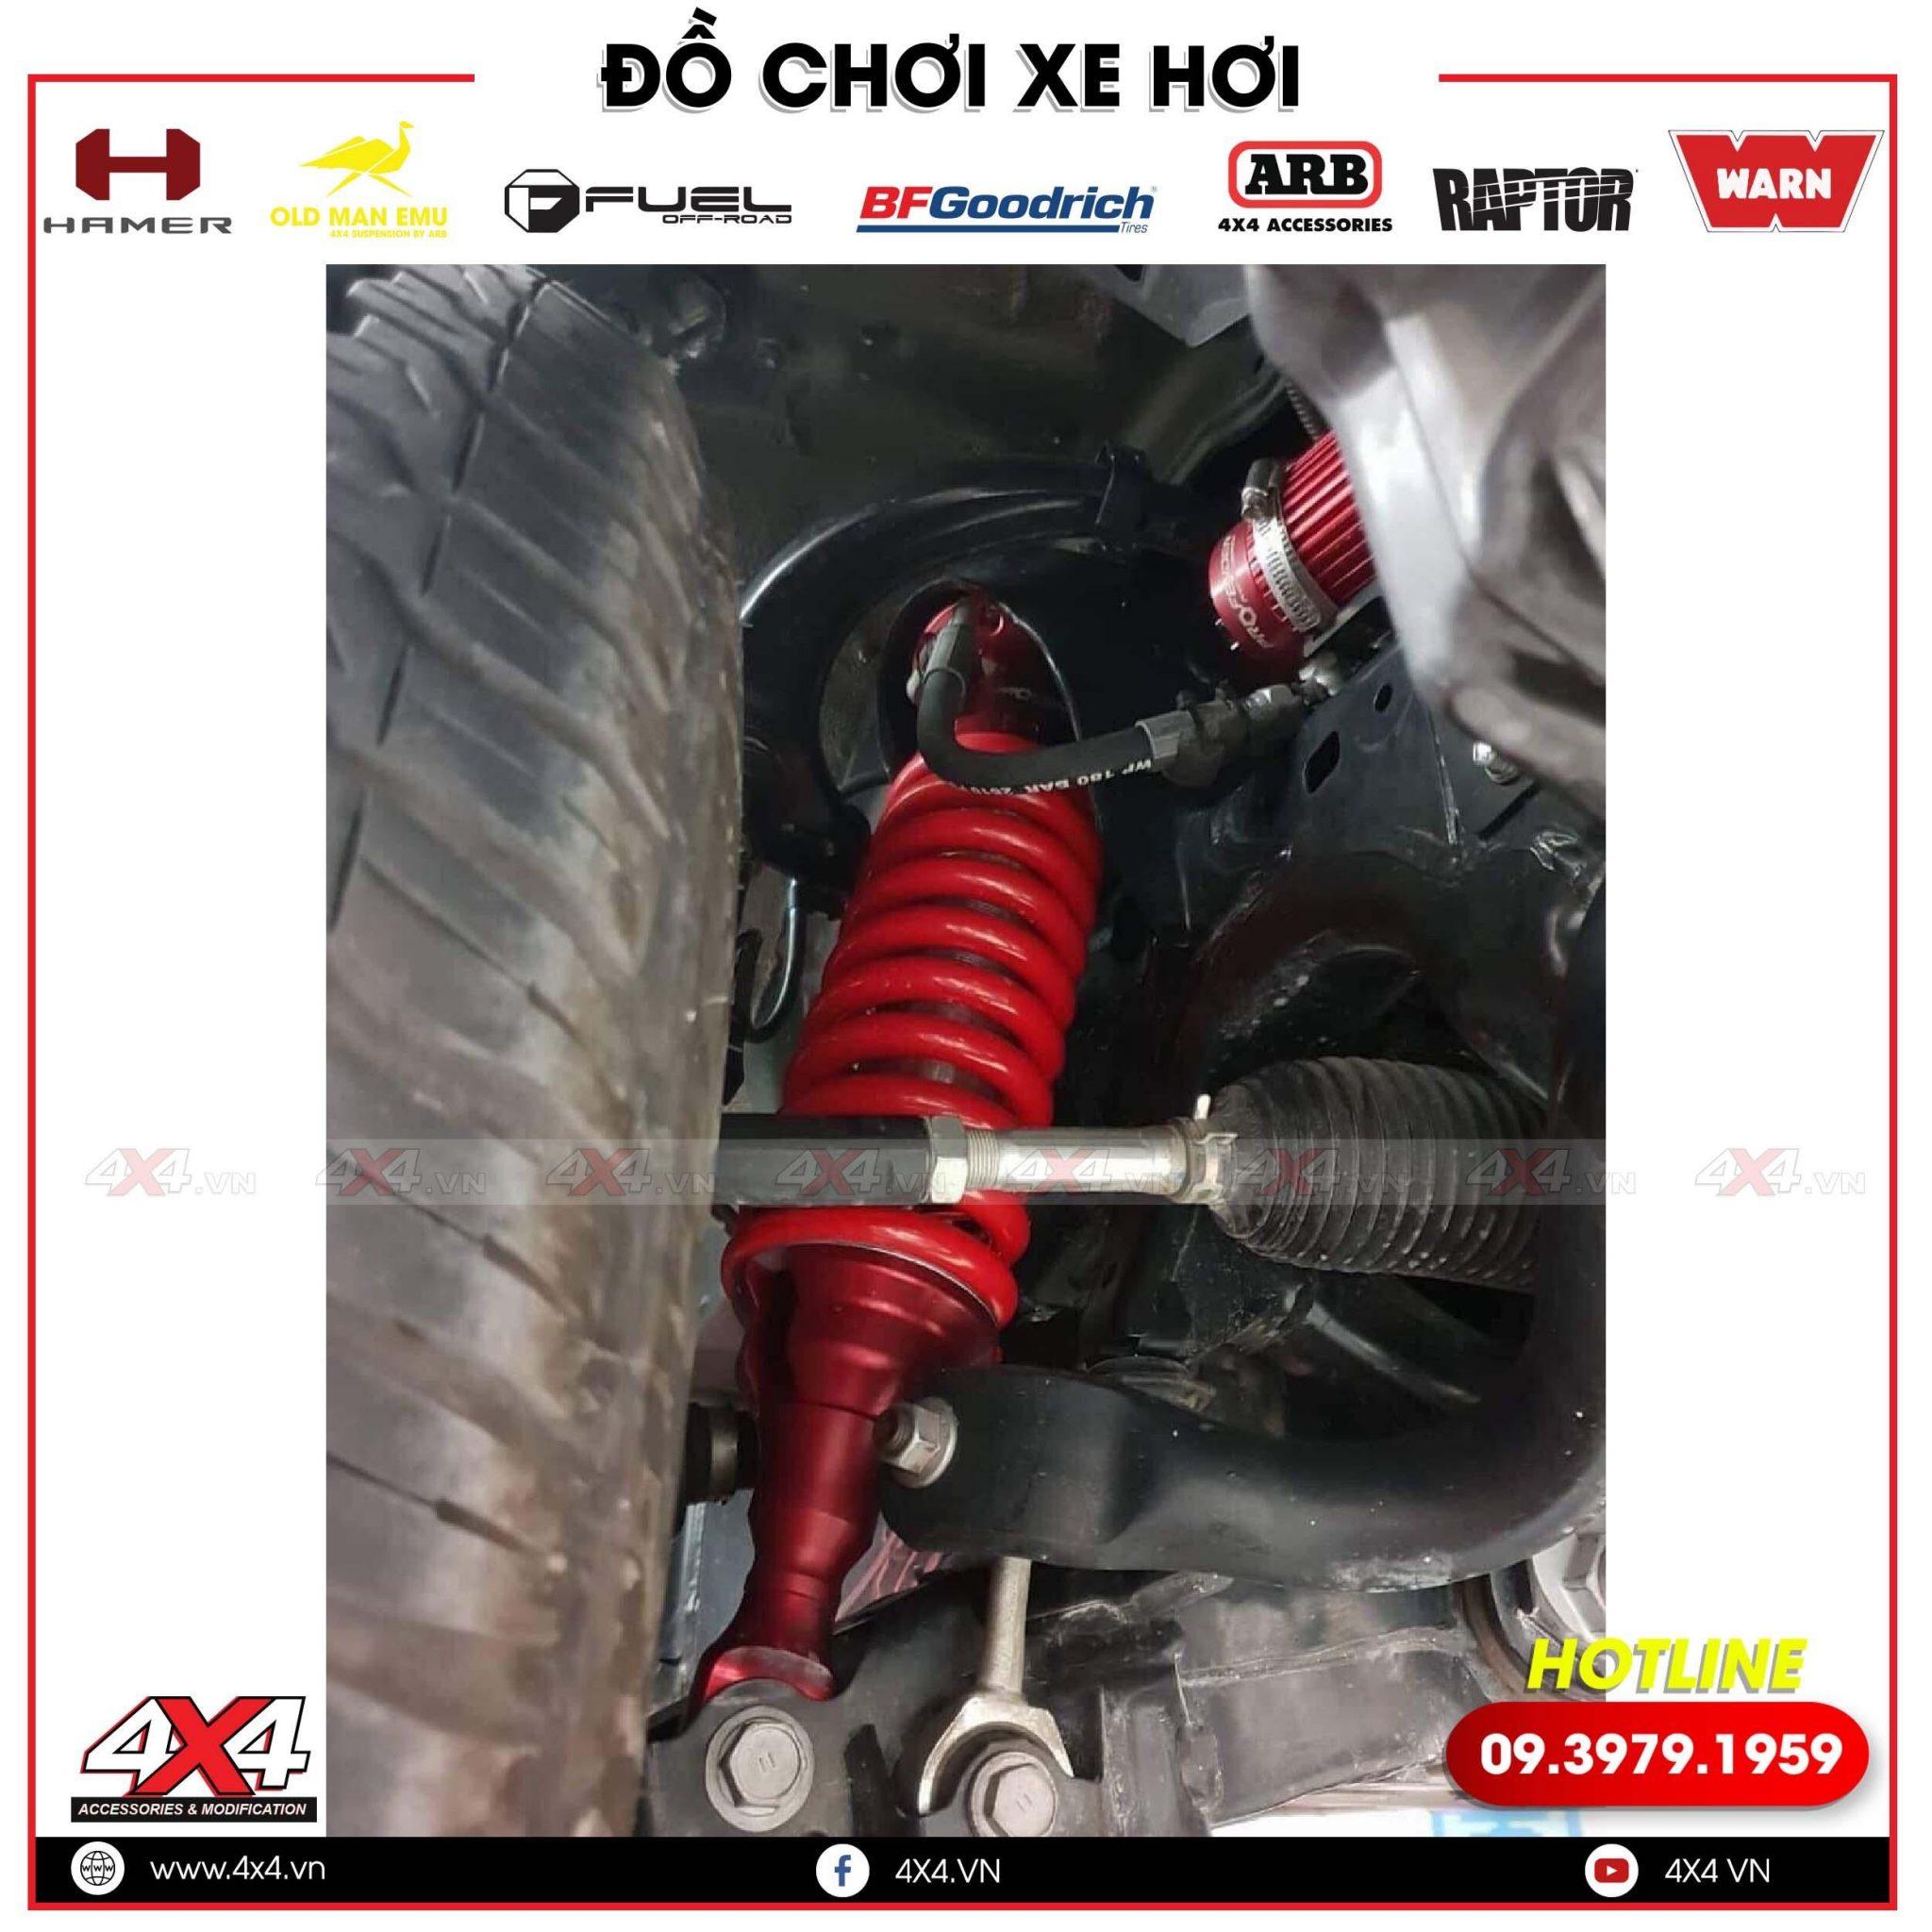 Trên Tay Phuộc Profender Dành Cho Mazda BT50 Cực Chất tại Workshop 4x4